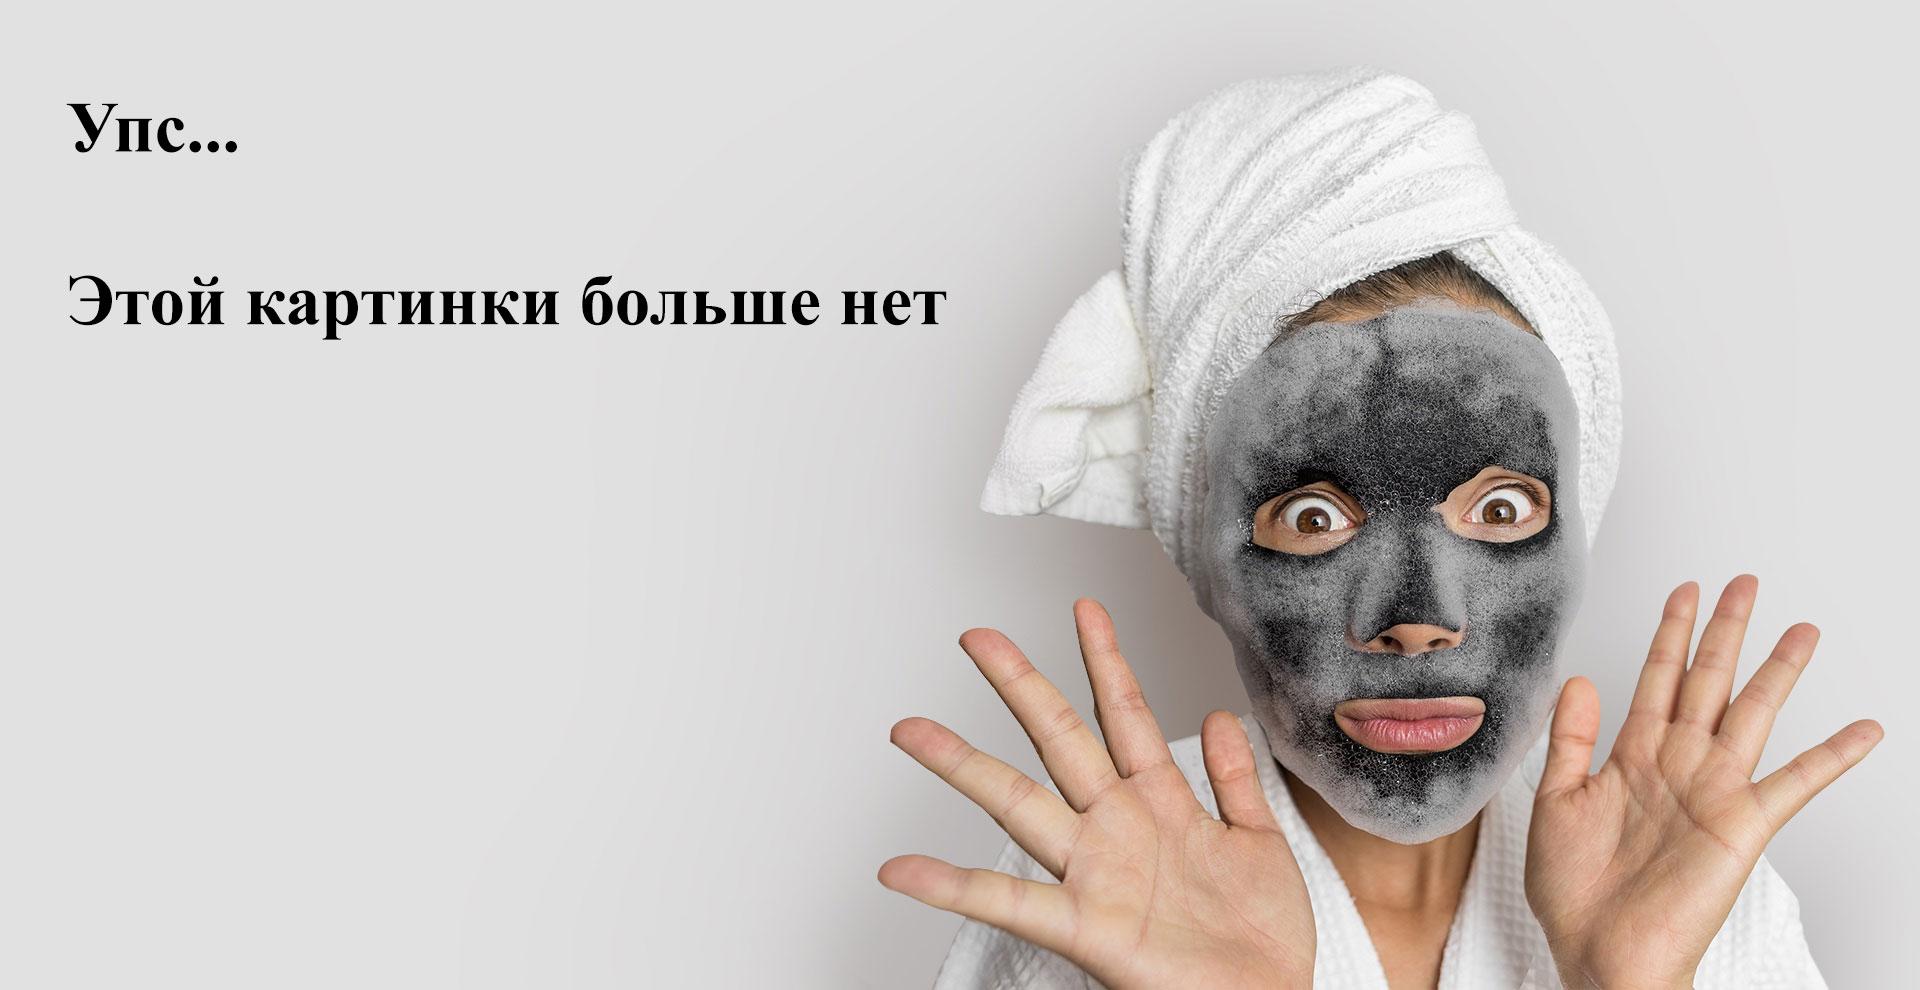 Lucky, Защитная маска с клапаном, черная, 1 шт.